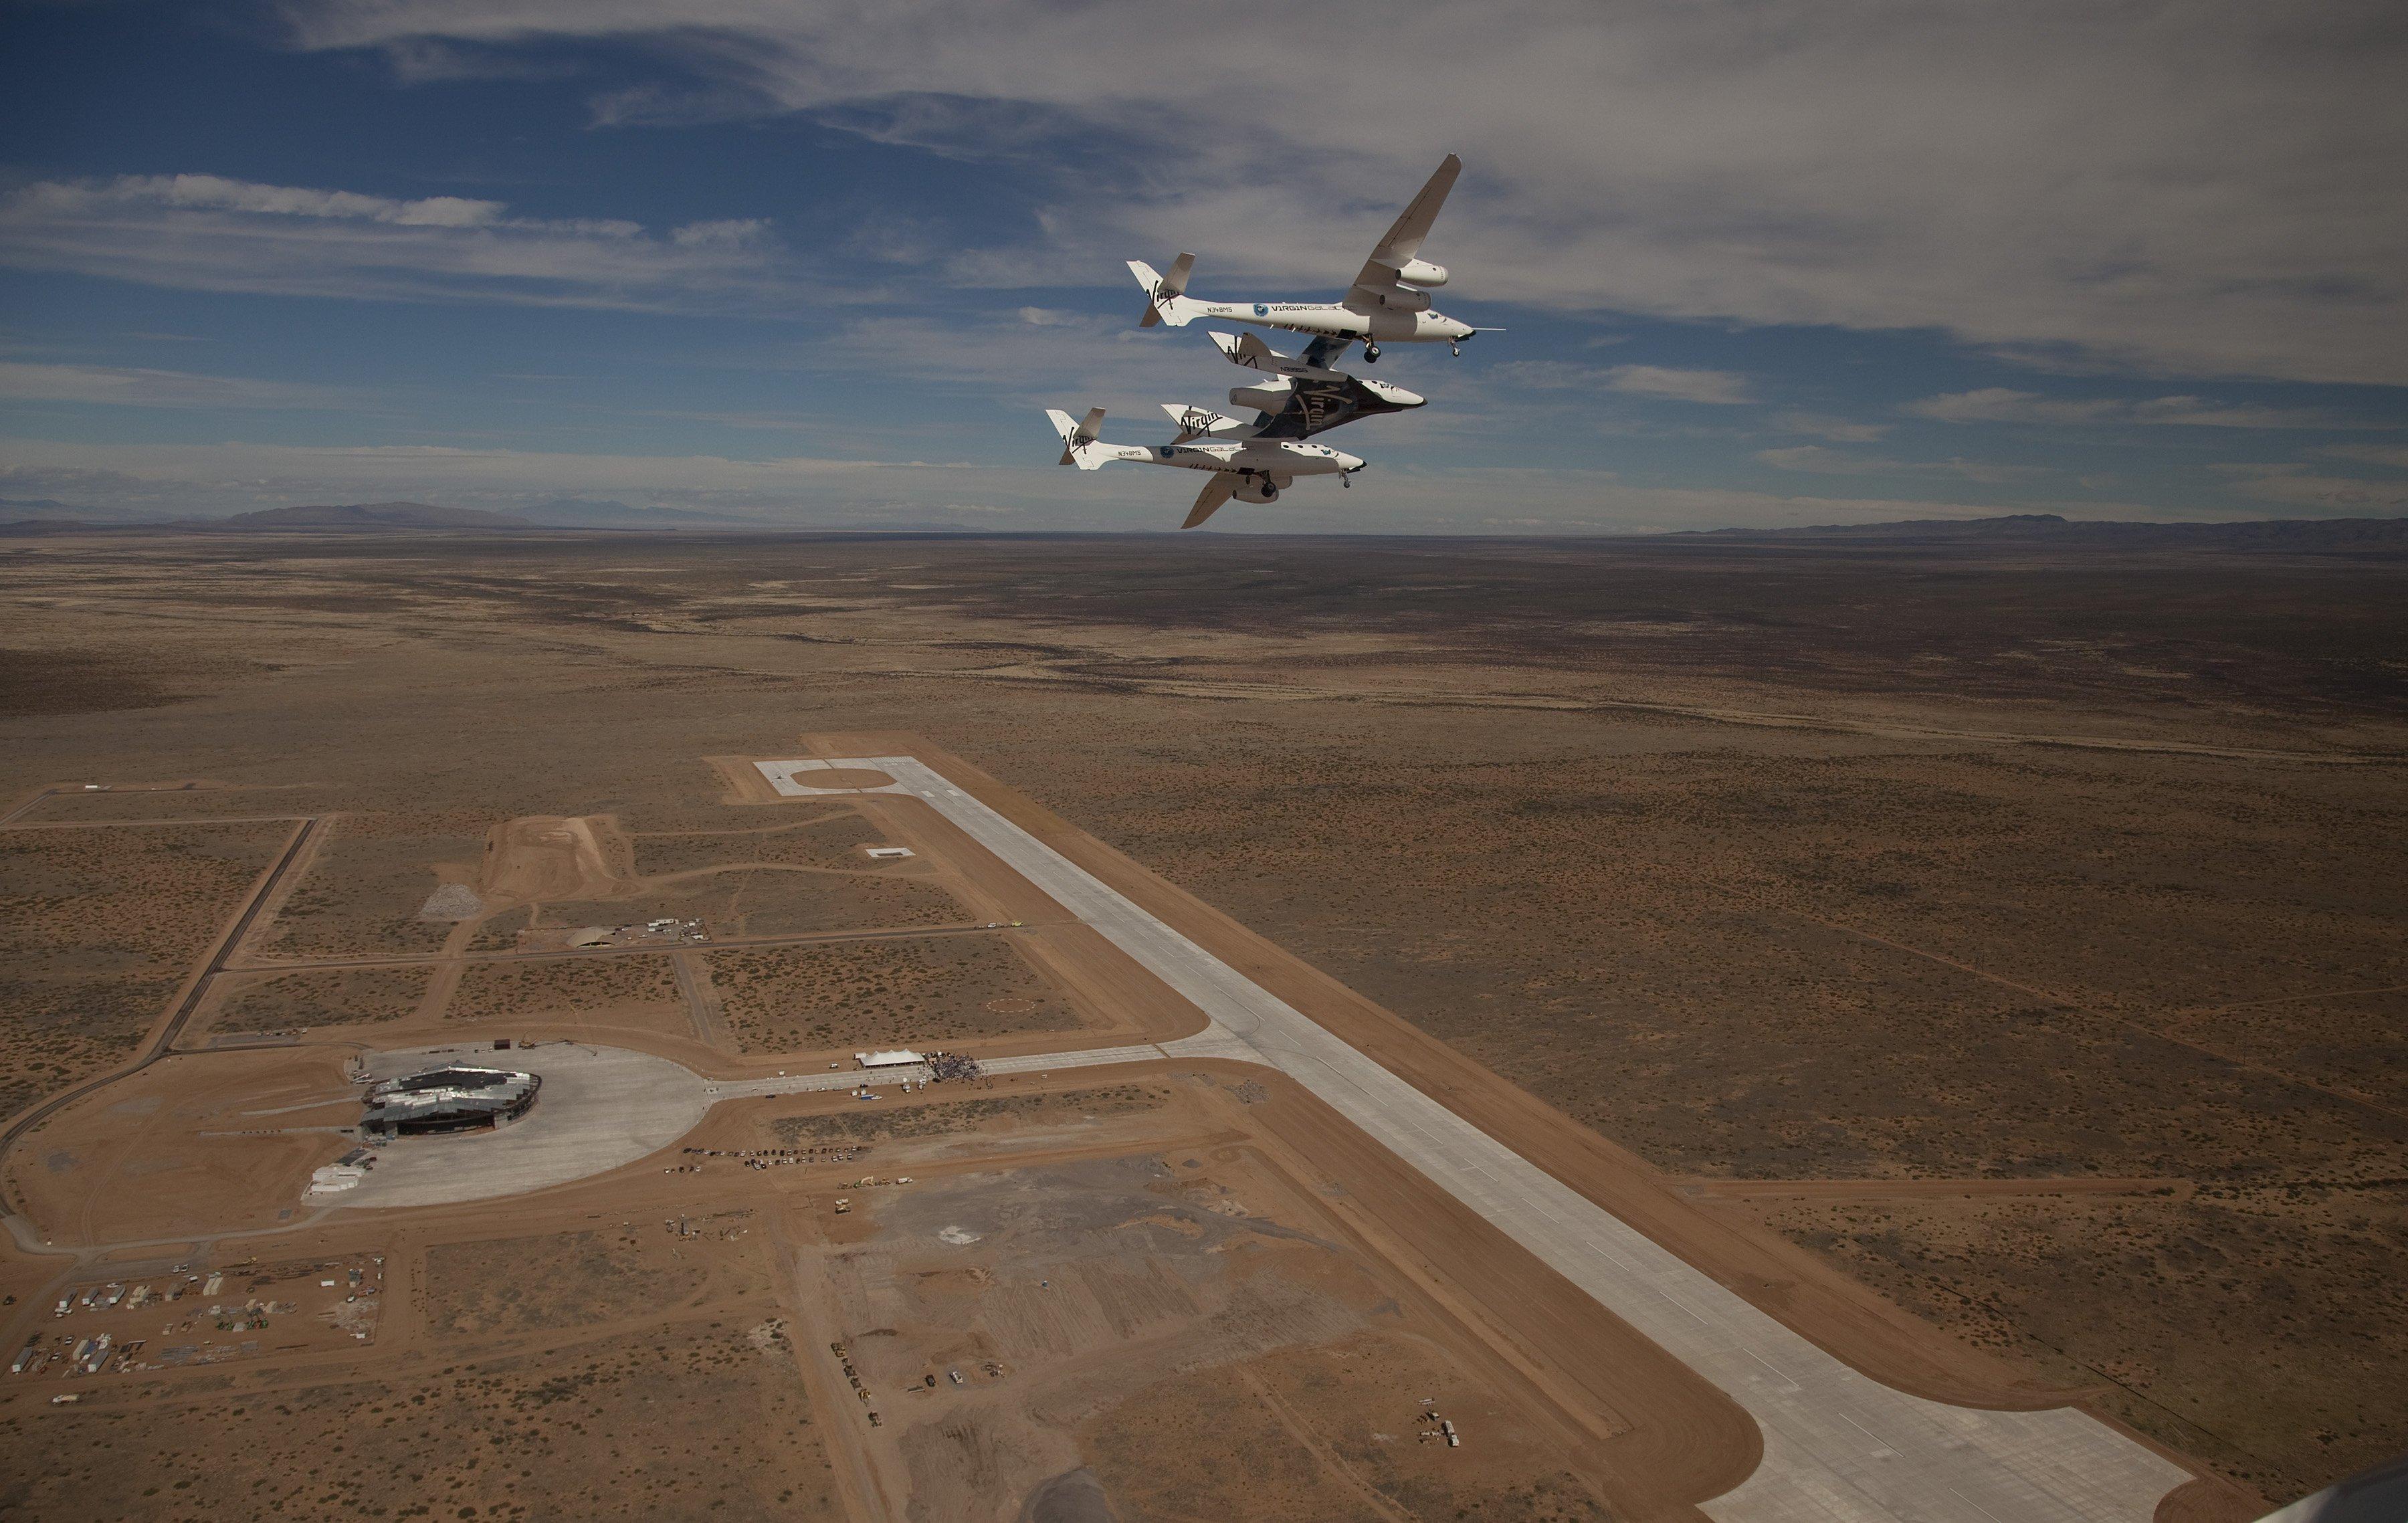 Flughafen des Raumfahrtunternehmens Virgin Galactic in New Mexico: Einen solchen Weltraumbahnhof, von dem Flugkörper starten können, plant die britische Raumfahrtindustrie in Schottland.